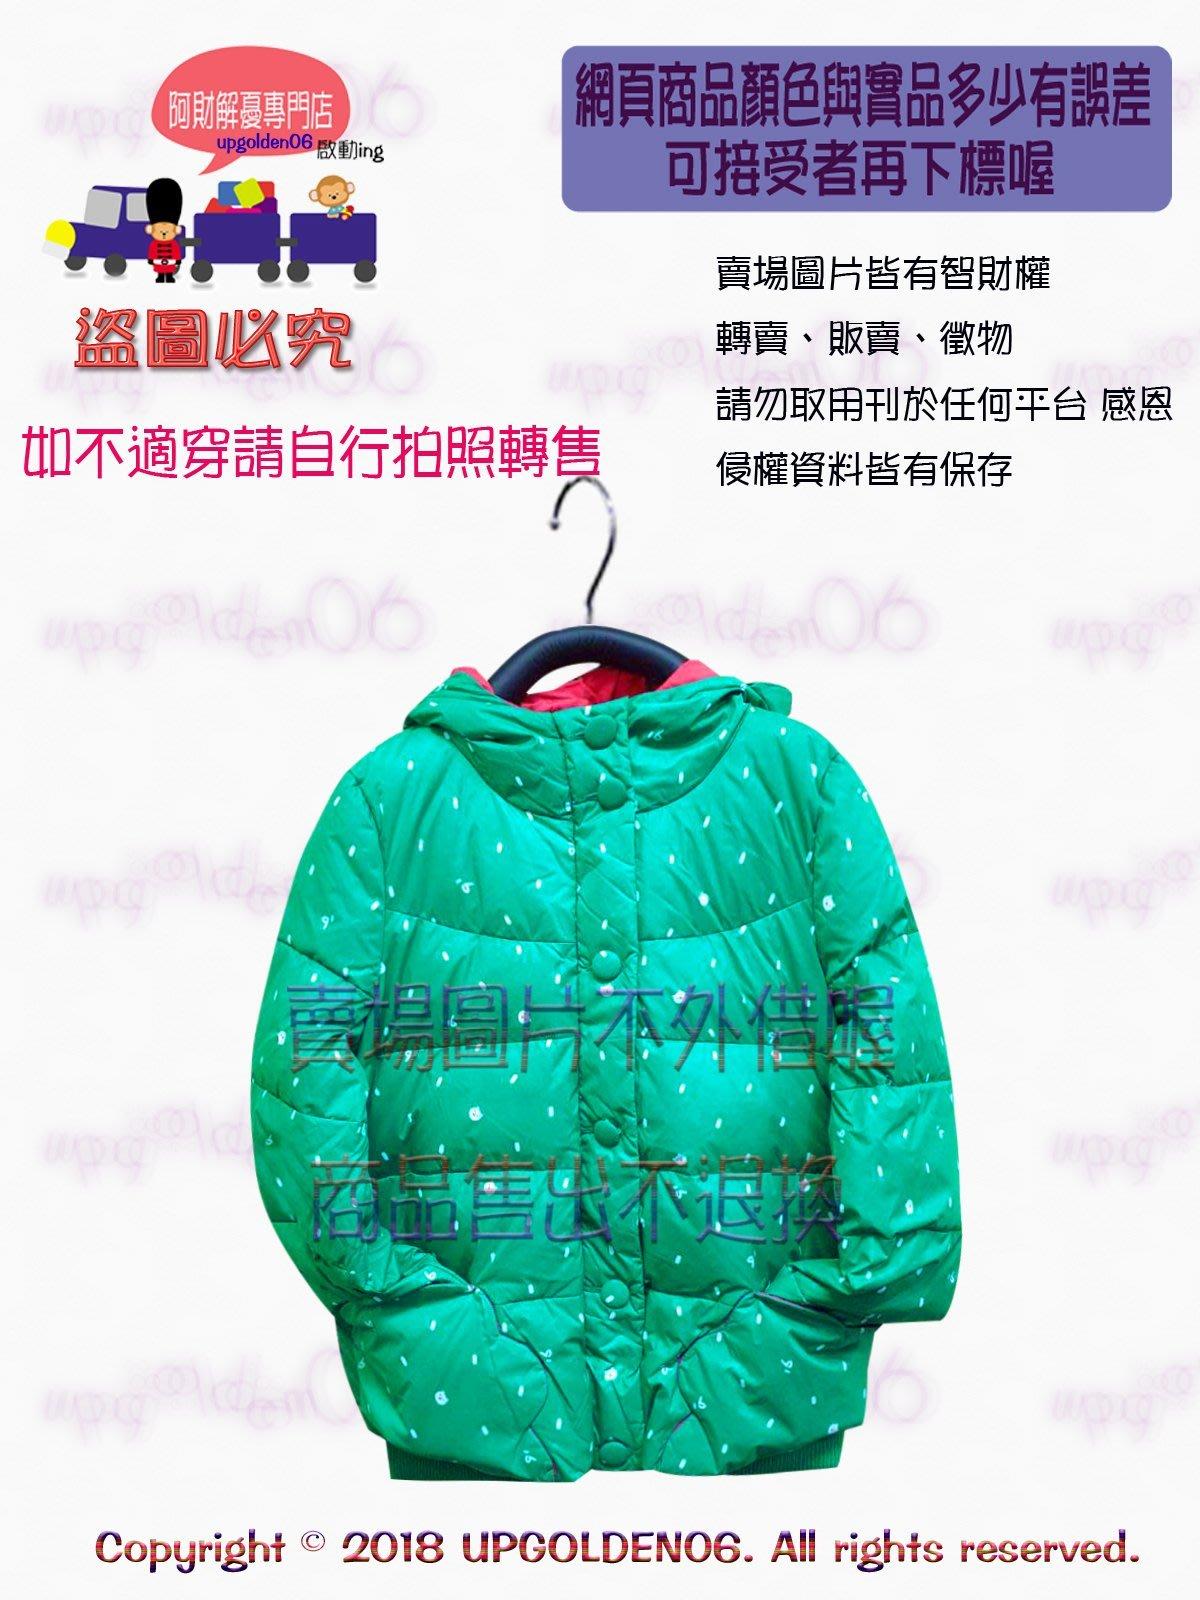 僅1 【禦寒必備 還是絕版好】 牌價4390元 a la sha 滿滿小熊短版羽絨外套 綠S 全新